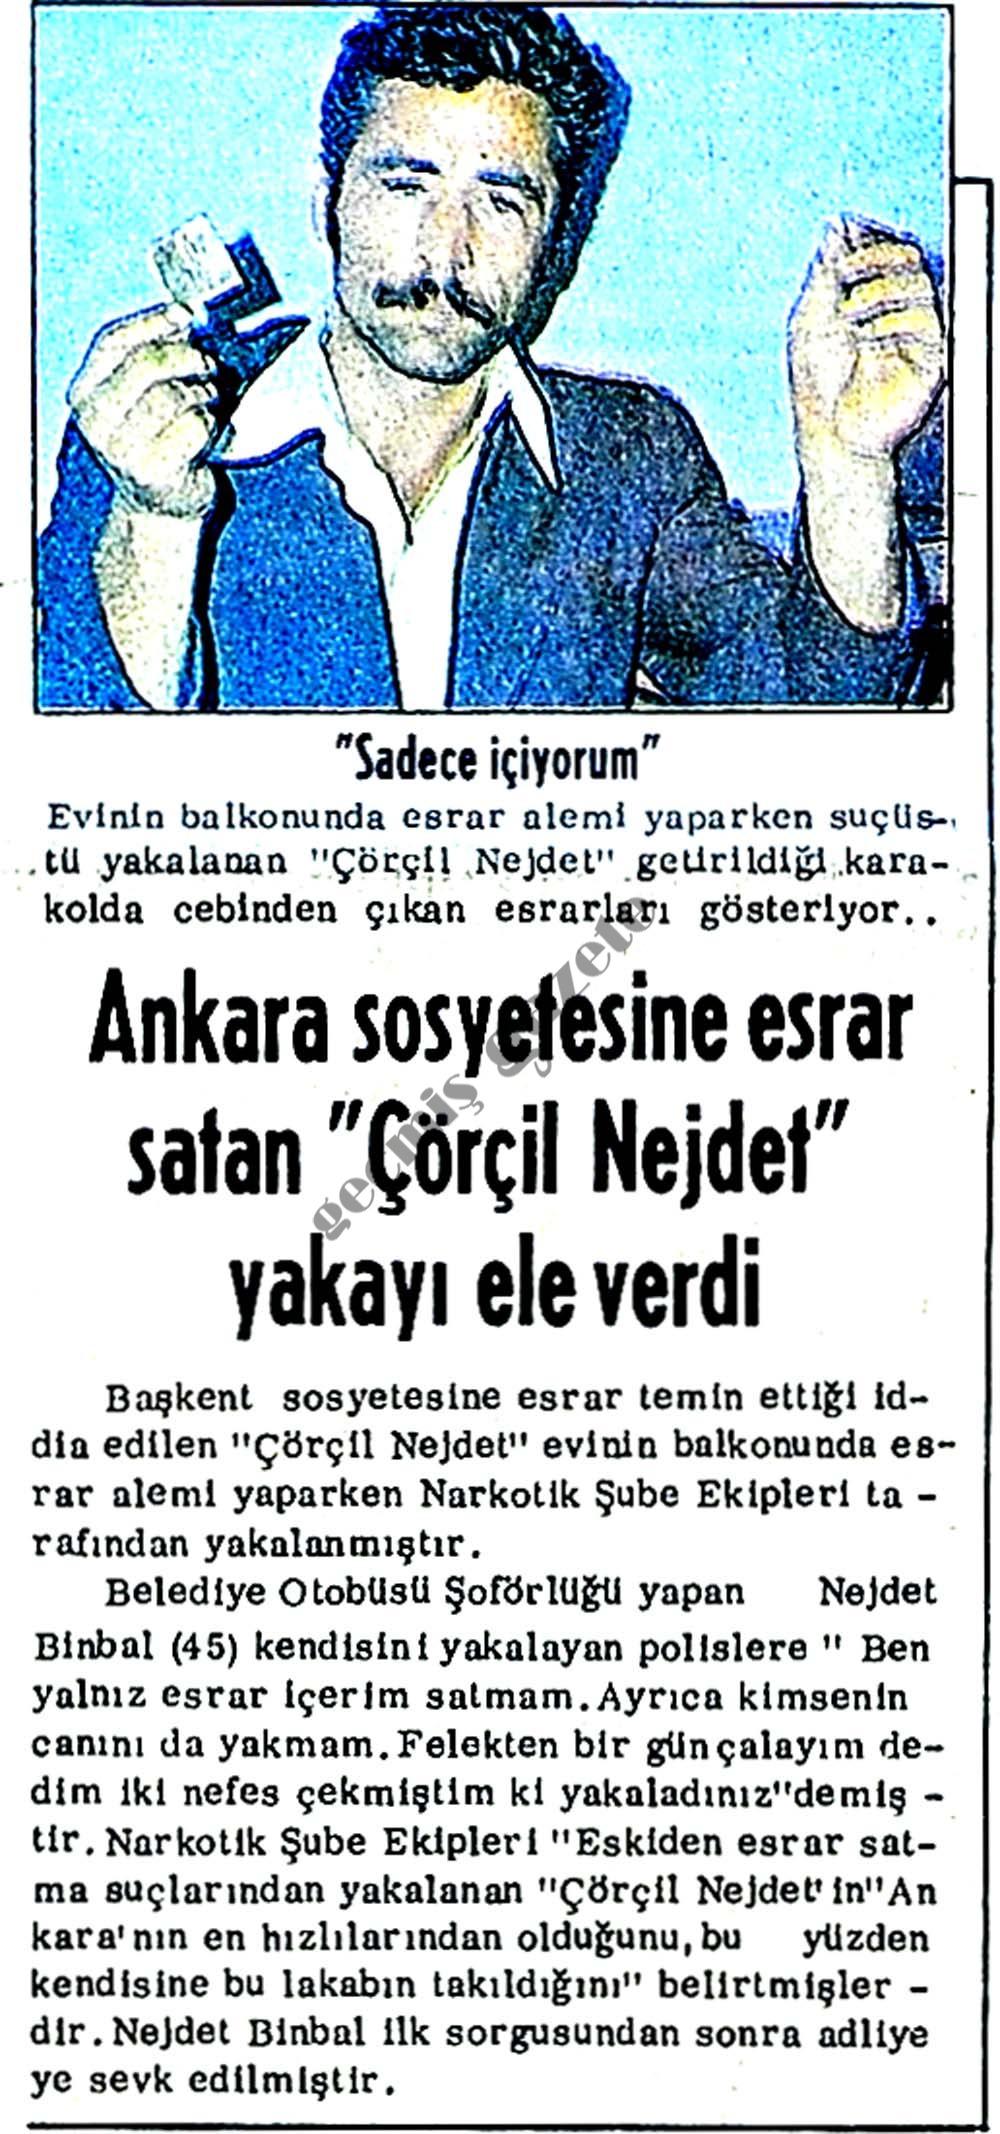 """Ankara sosyetesine esrar satan """"Çörçil Nejdet"""" yakayı ele verdi"""